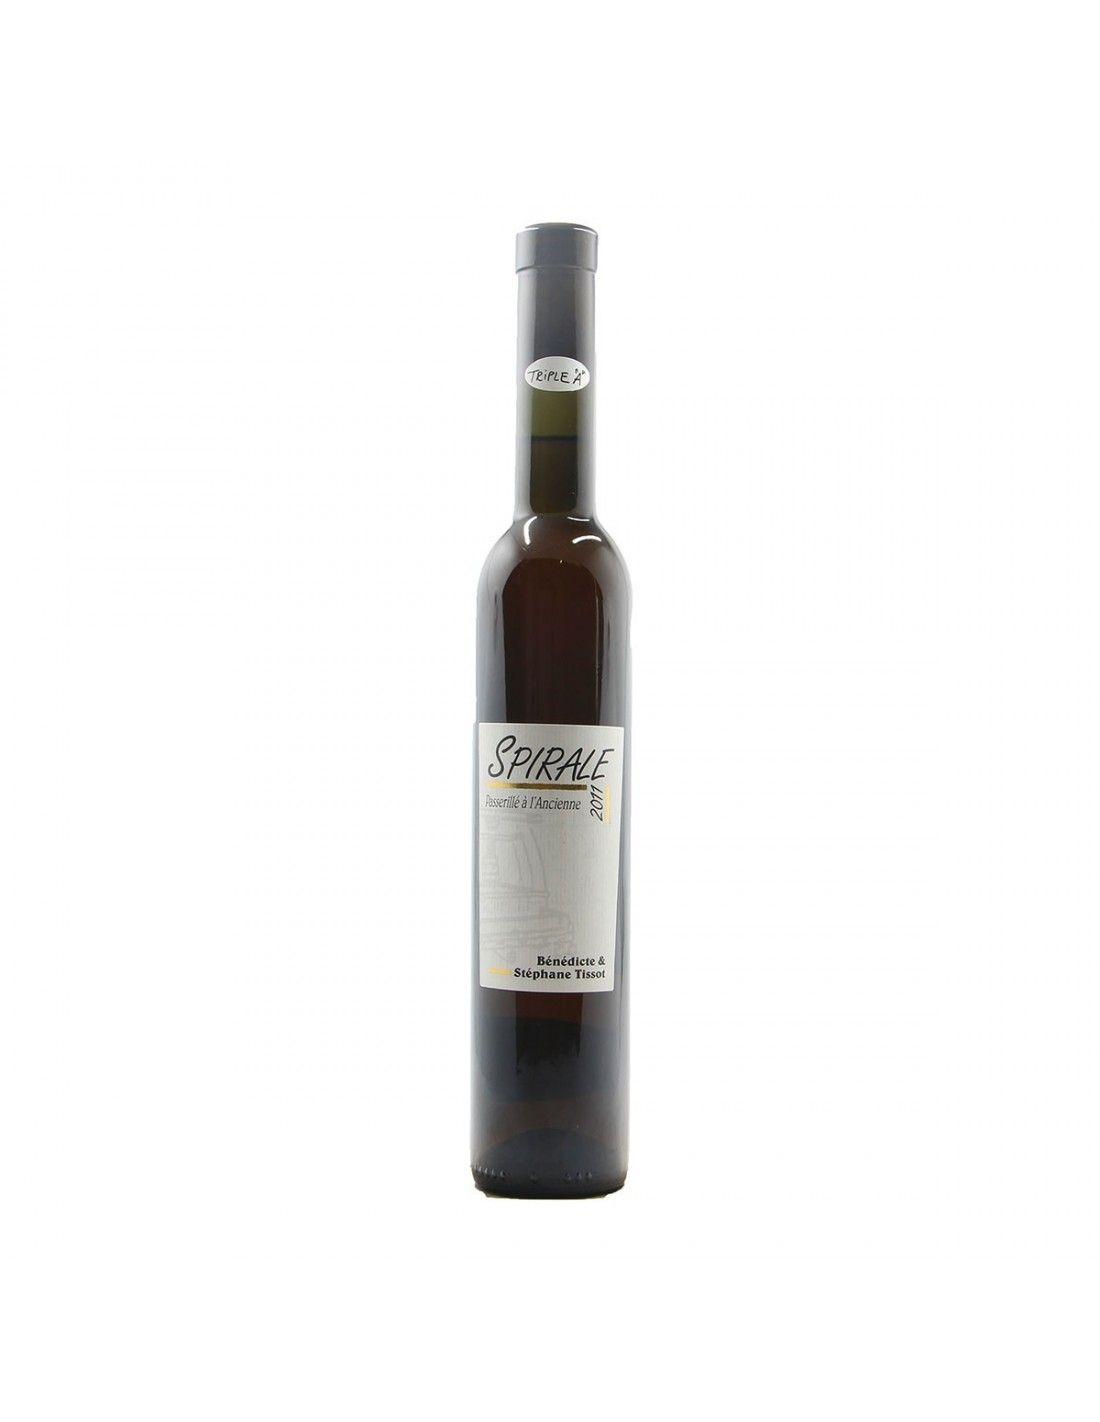 SPIRALE 0.375 L 2011 DOMAINE TISSOT Grandi Bottiglie